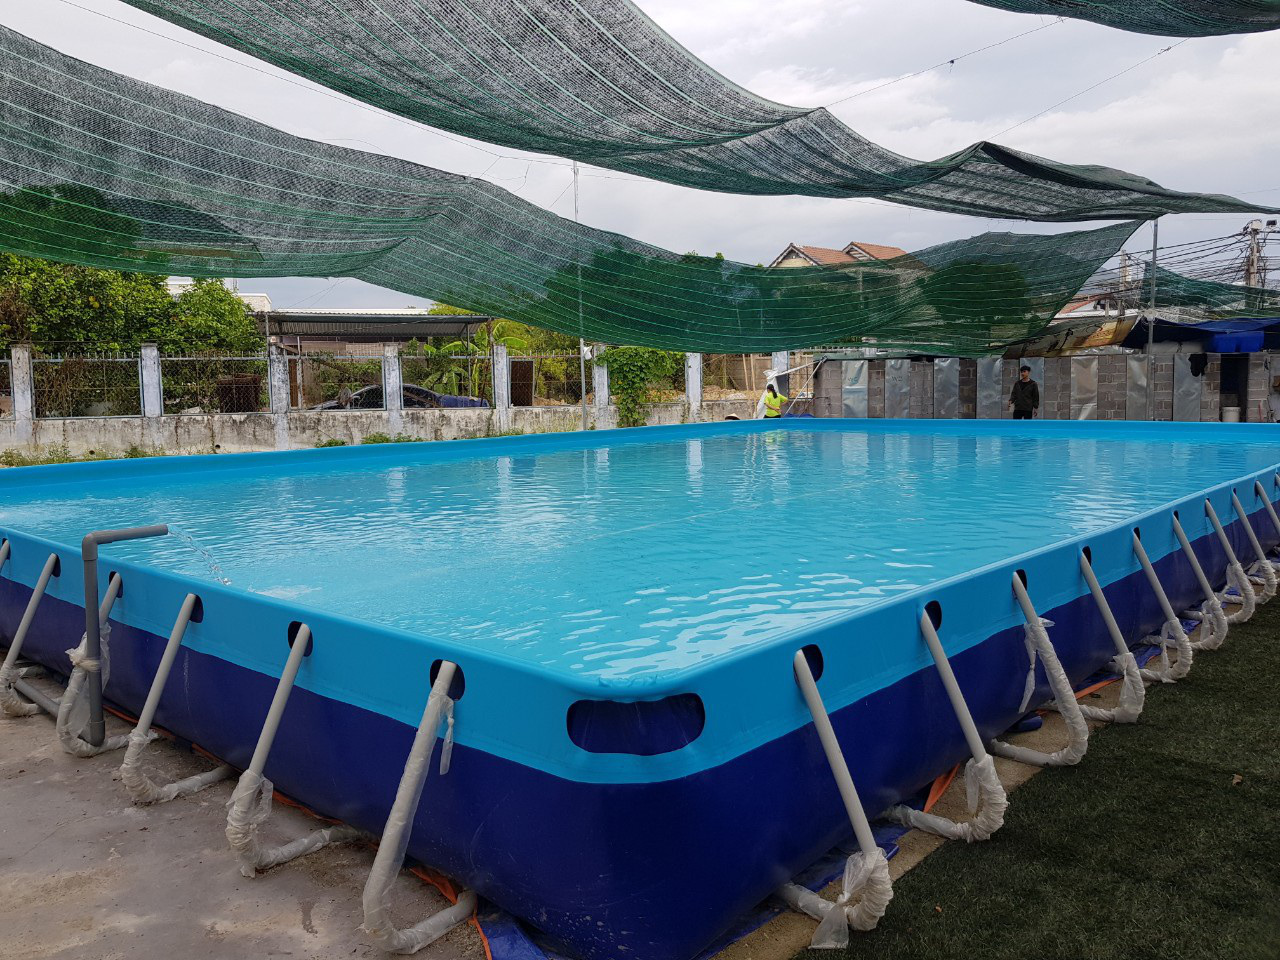 Thầy giáo đầu tư hồ bơi cho học sinh vùng ven học bơi dịp hè - Ảnh 3.